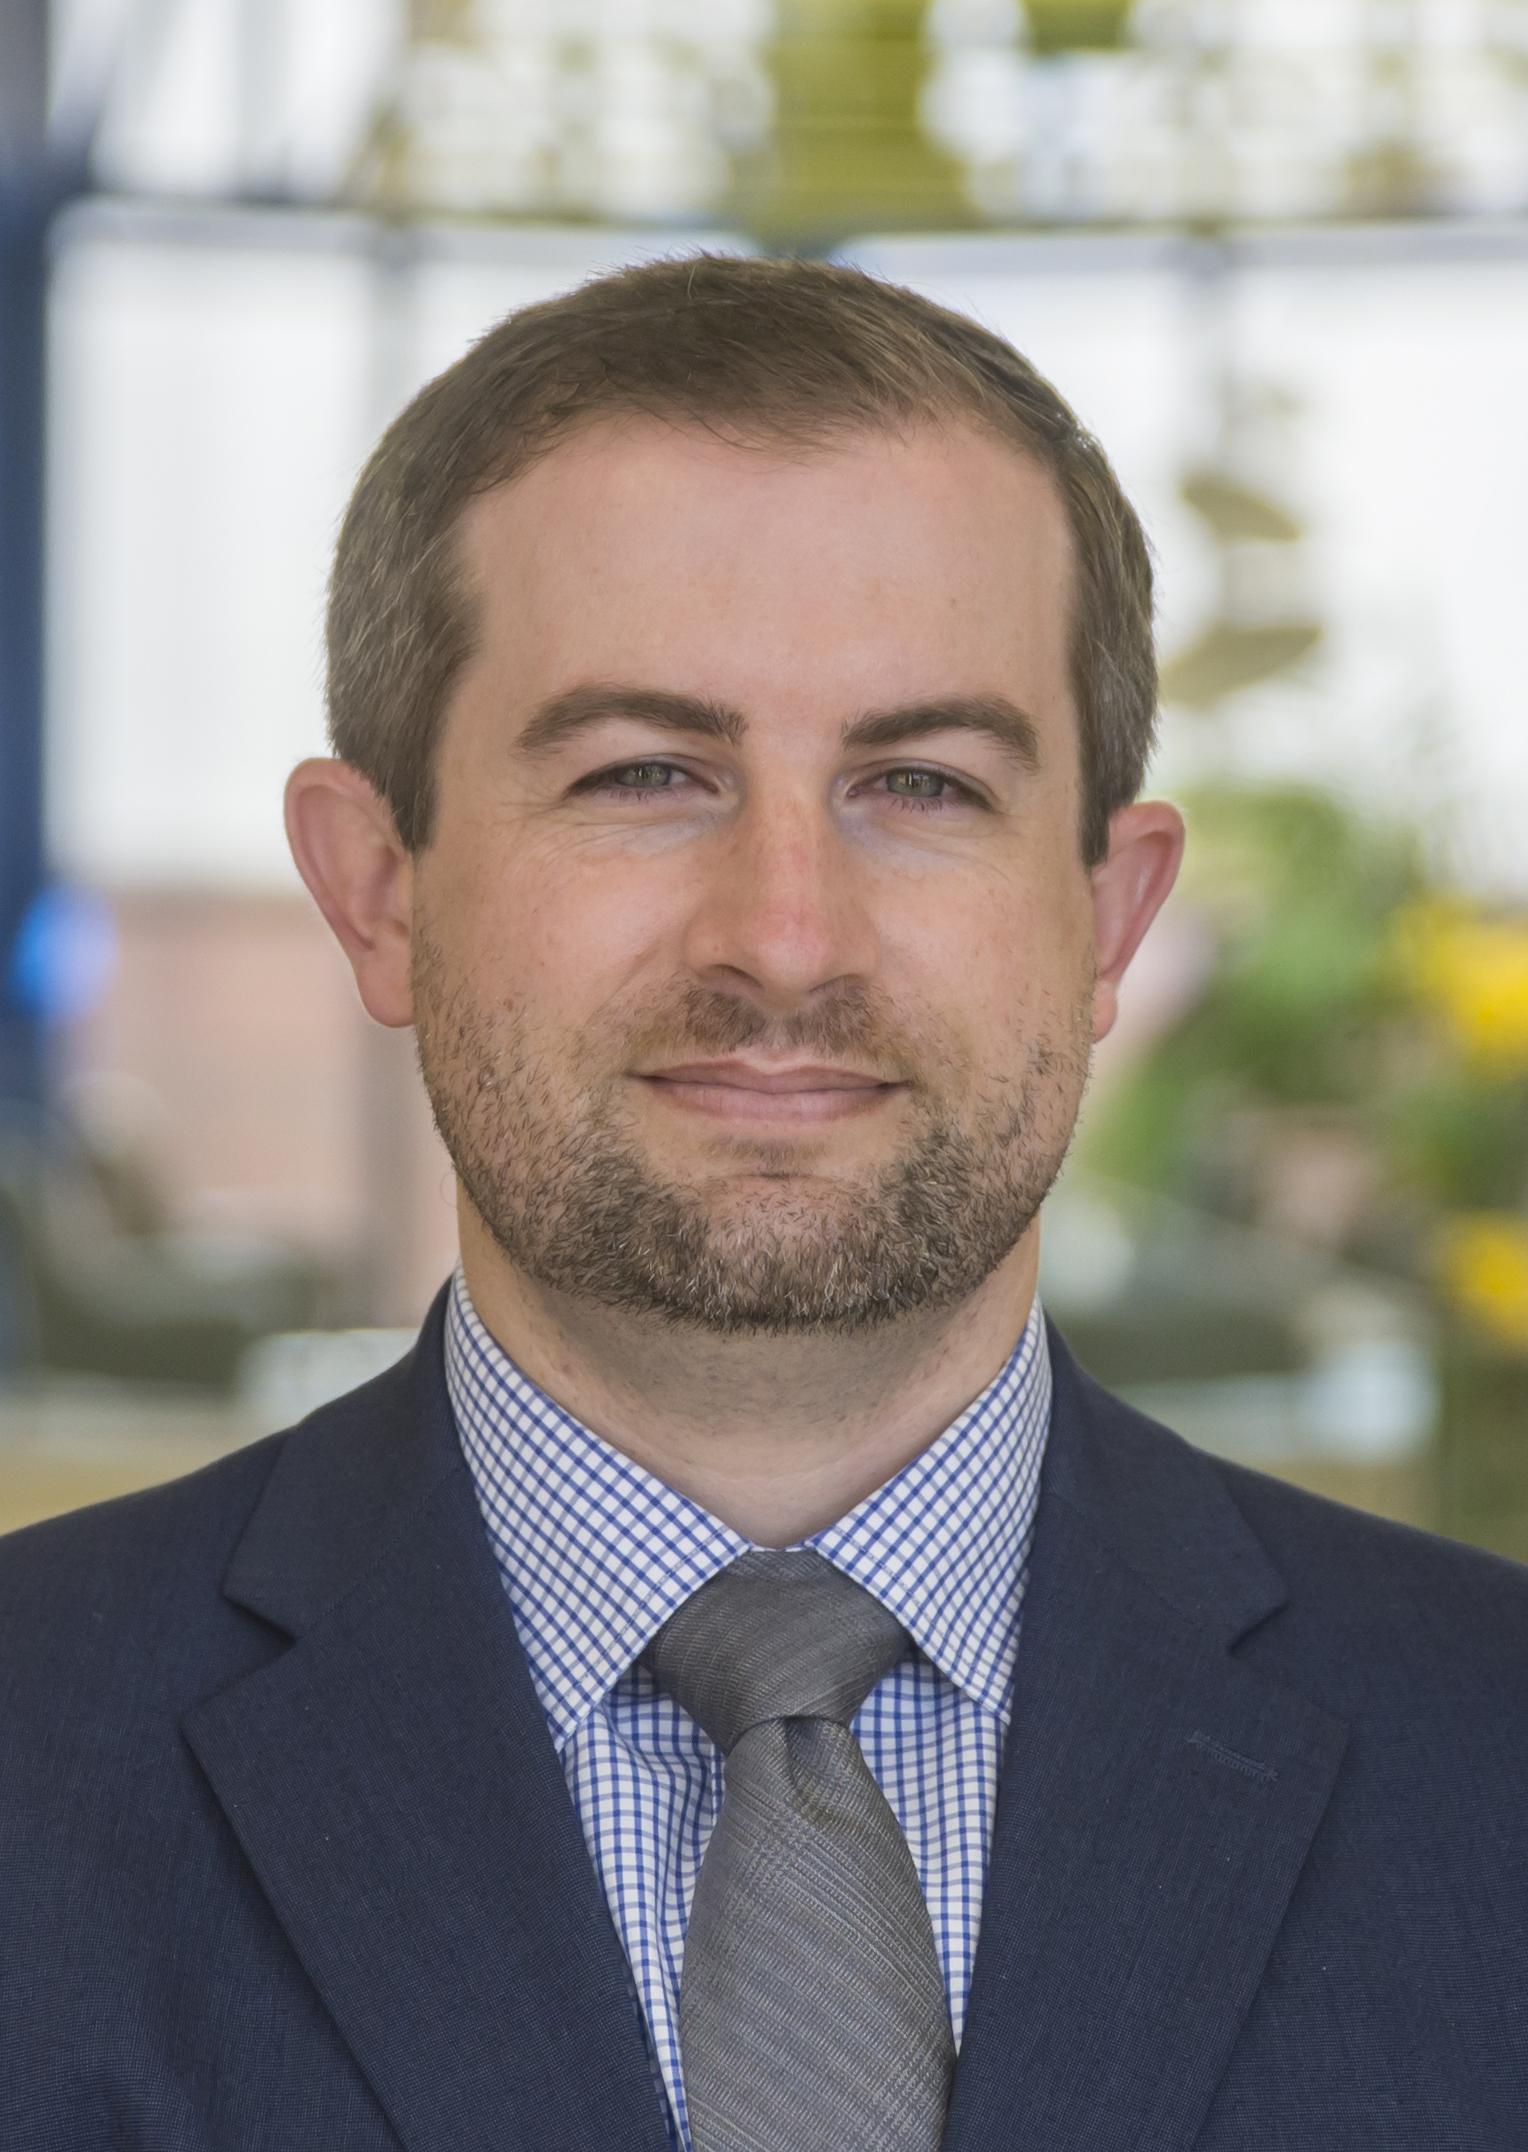 Dr. Ryan Anderson